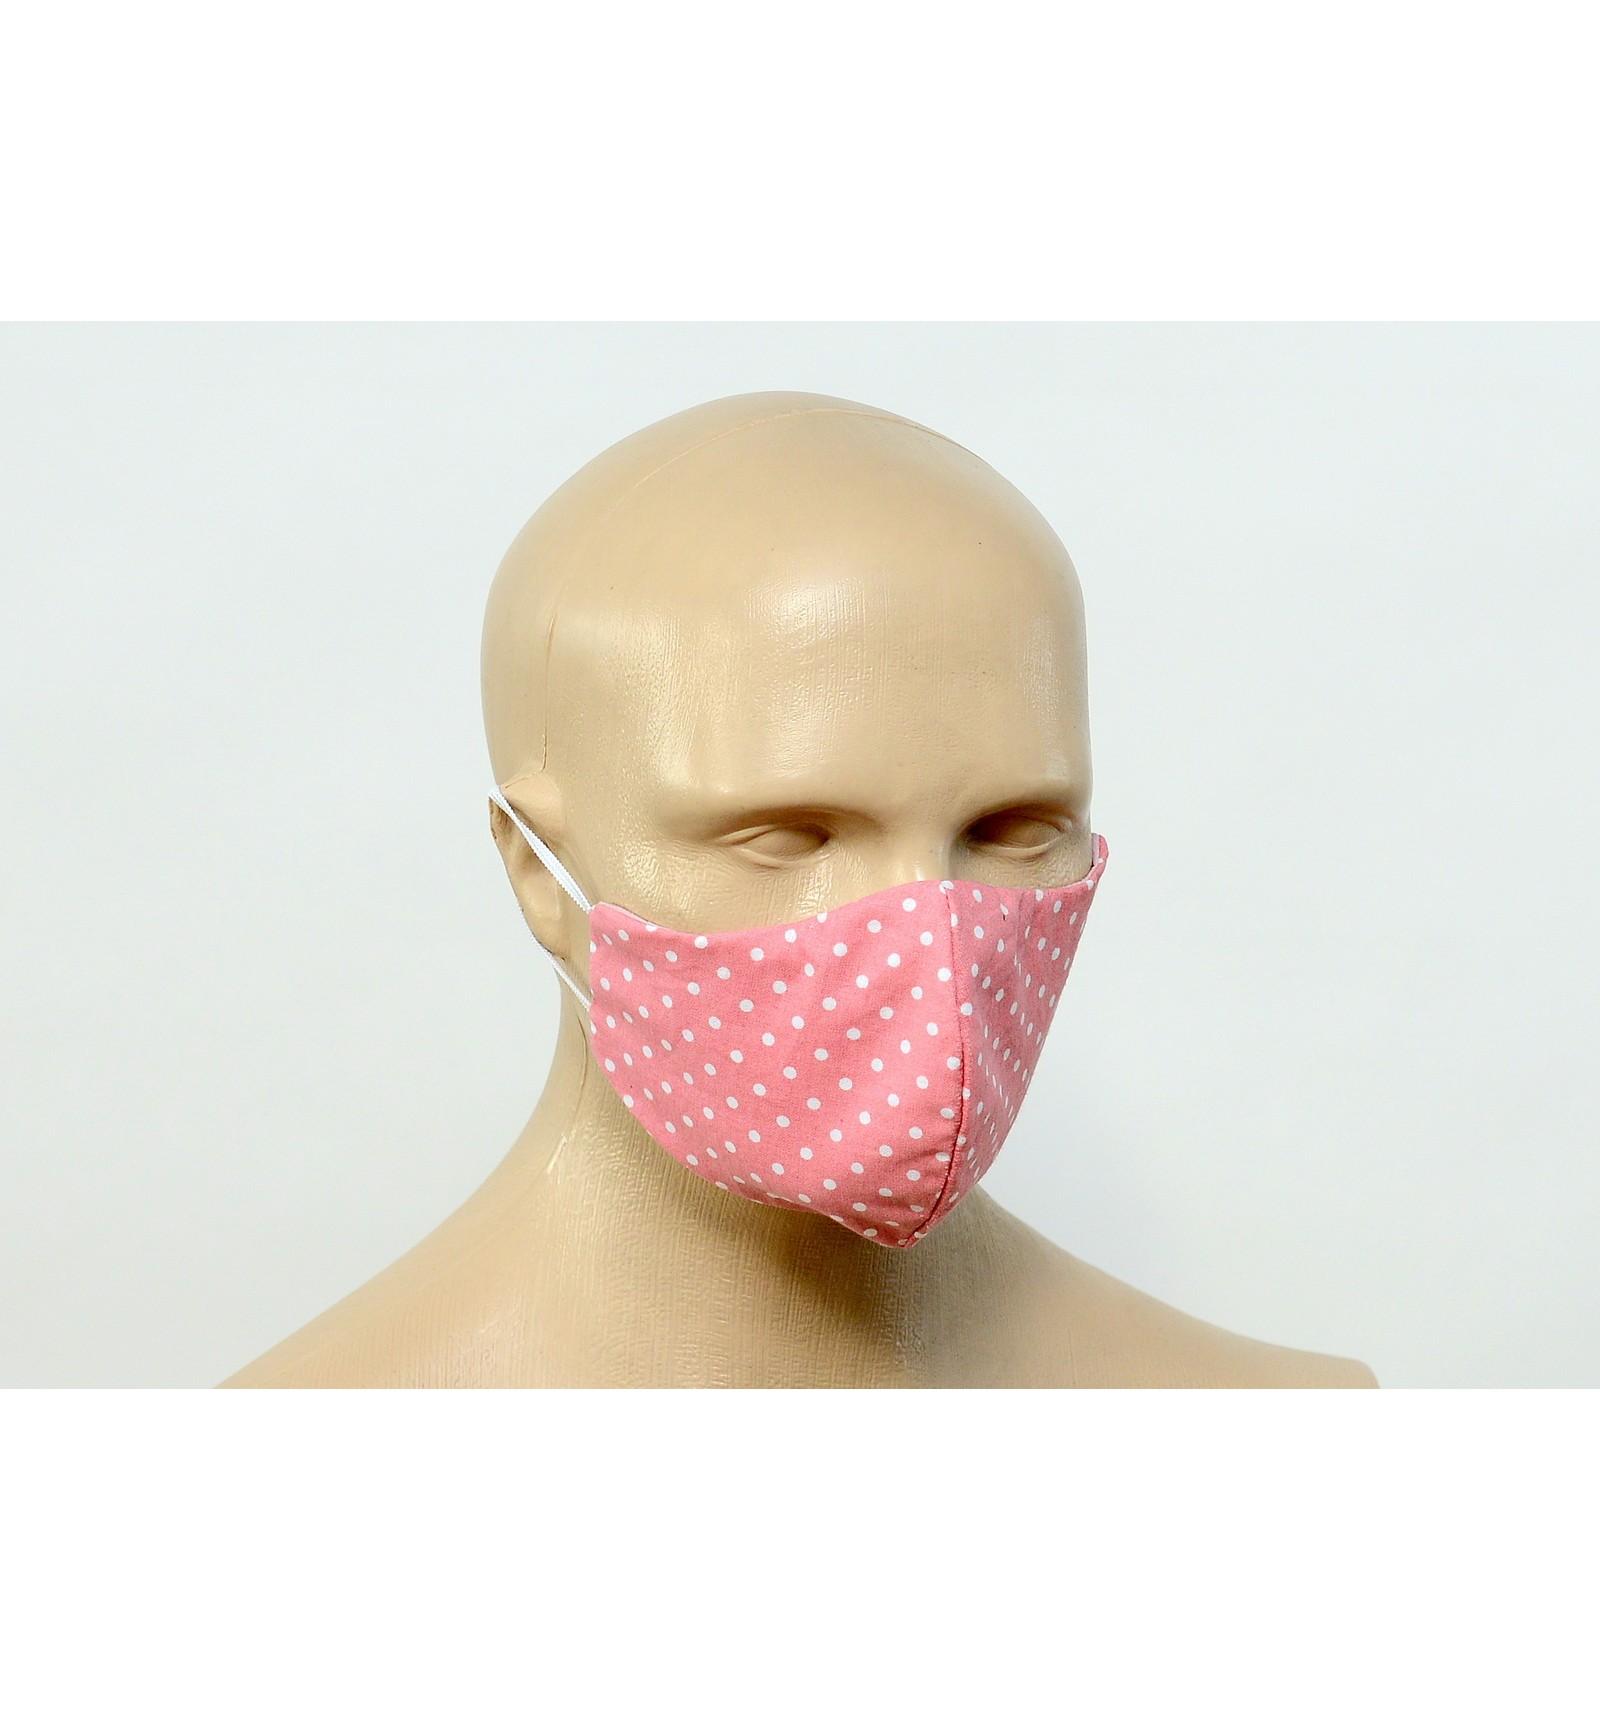 Bawełniana maska PROFI - RÓŻOWA w białe groszki